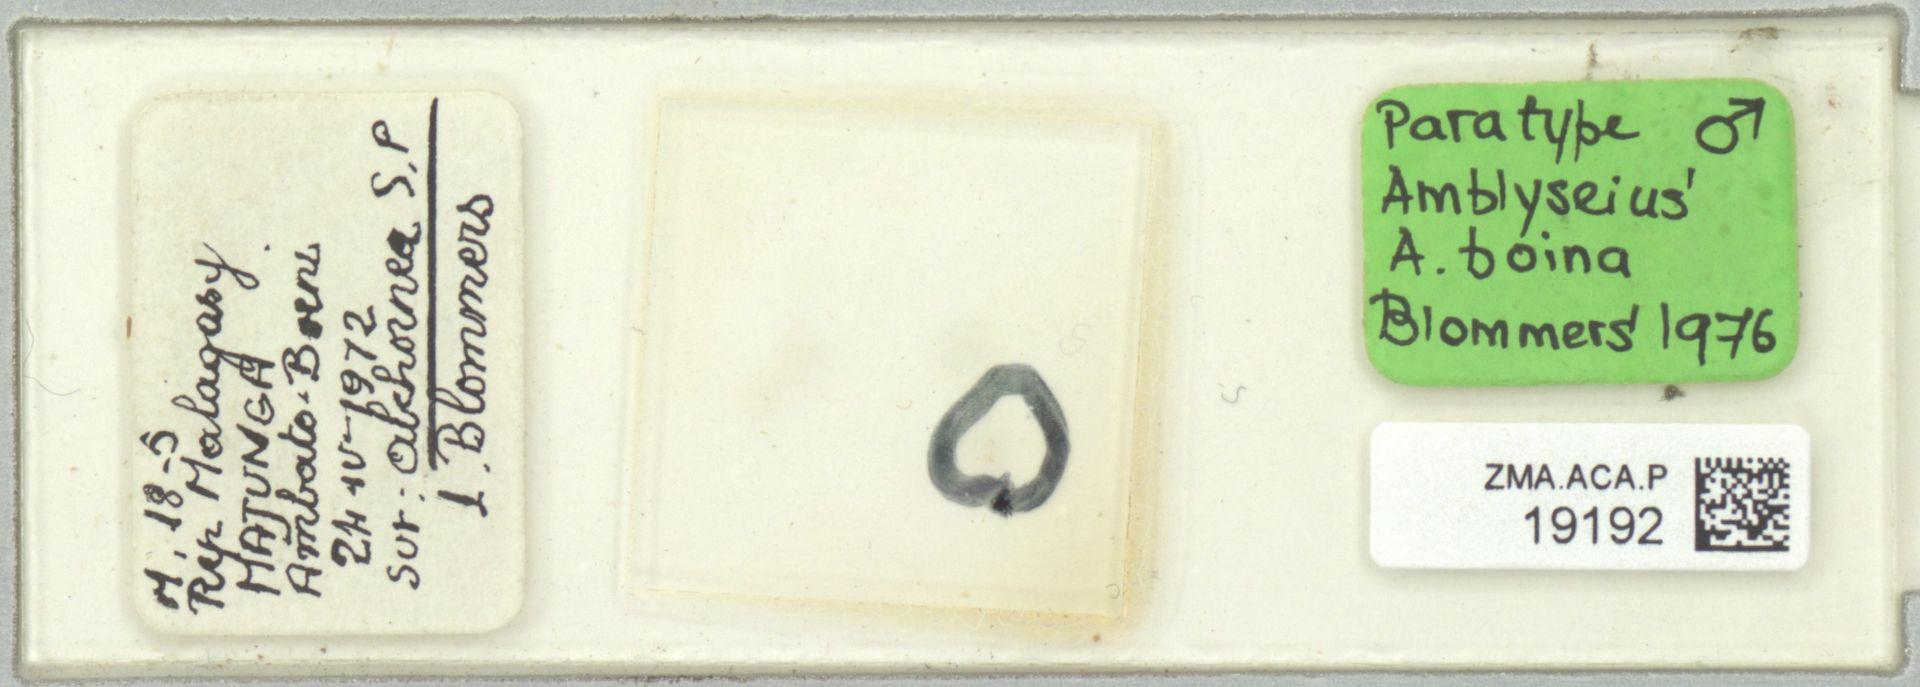 ZMA.ACA.P.19192 | Amblyseius (Amblyseius) boina Blommers, 1976